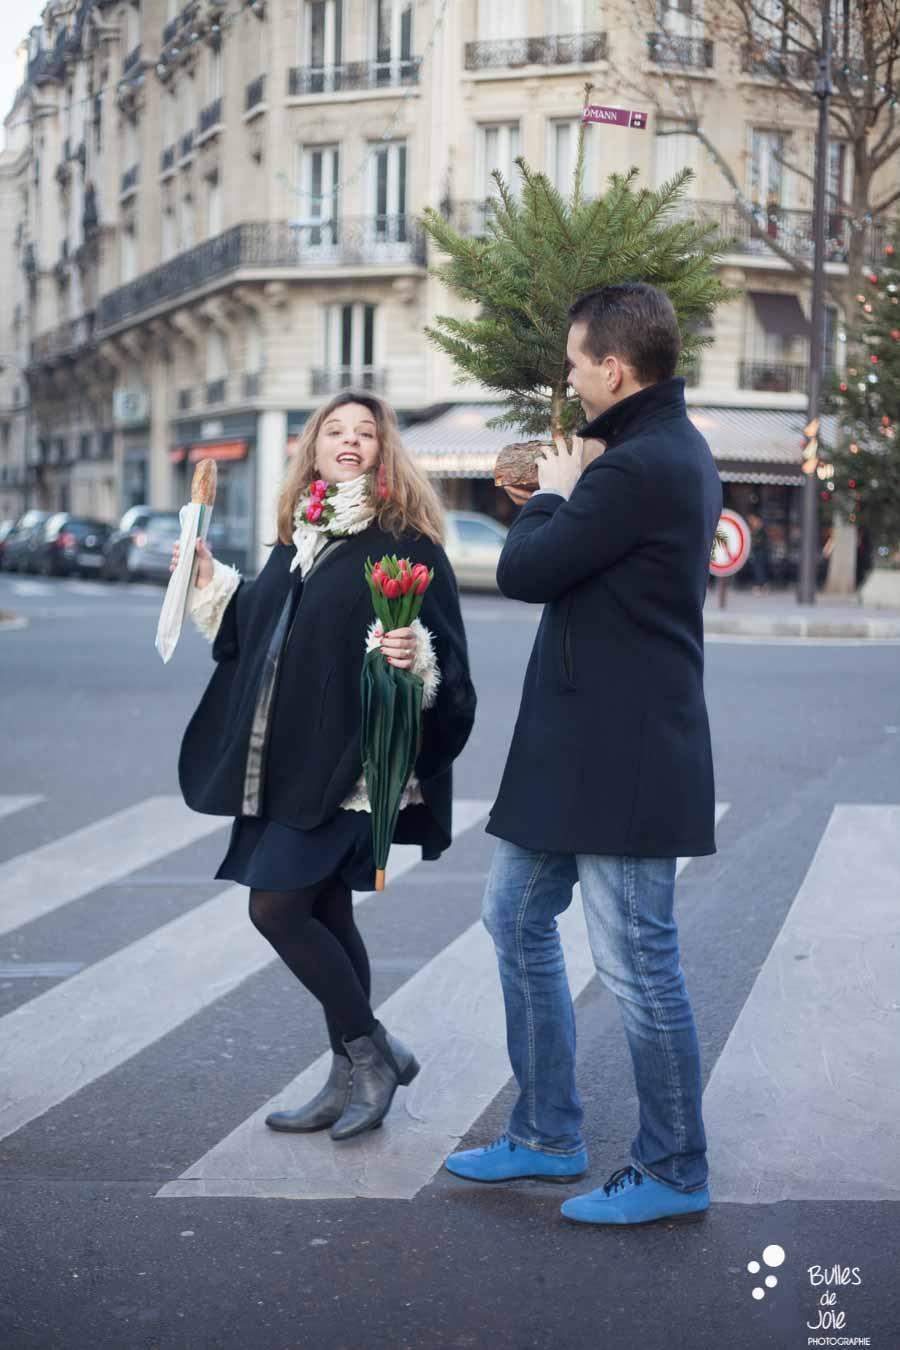 L'achat du sapin lors d'une séance photos Paris 16